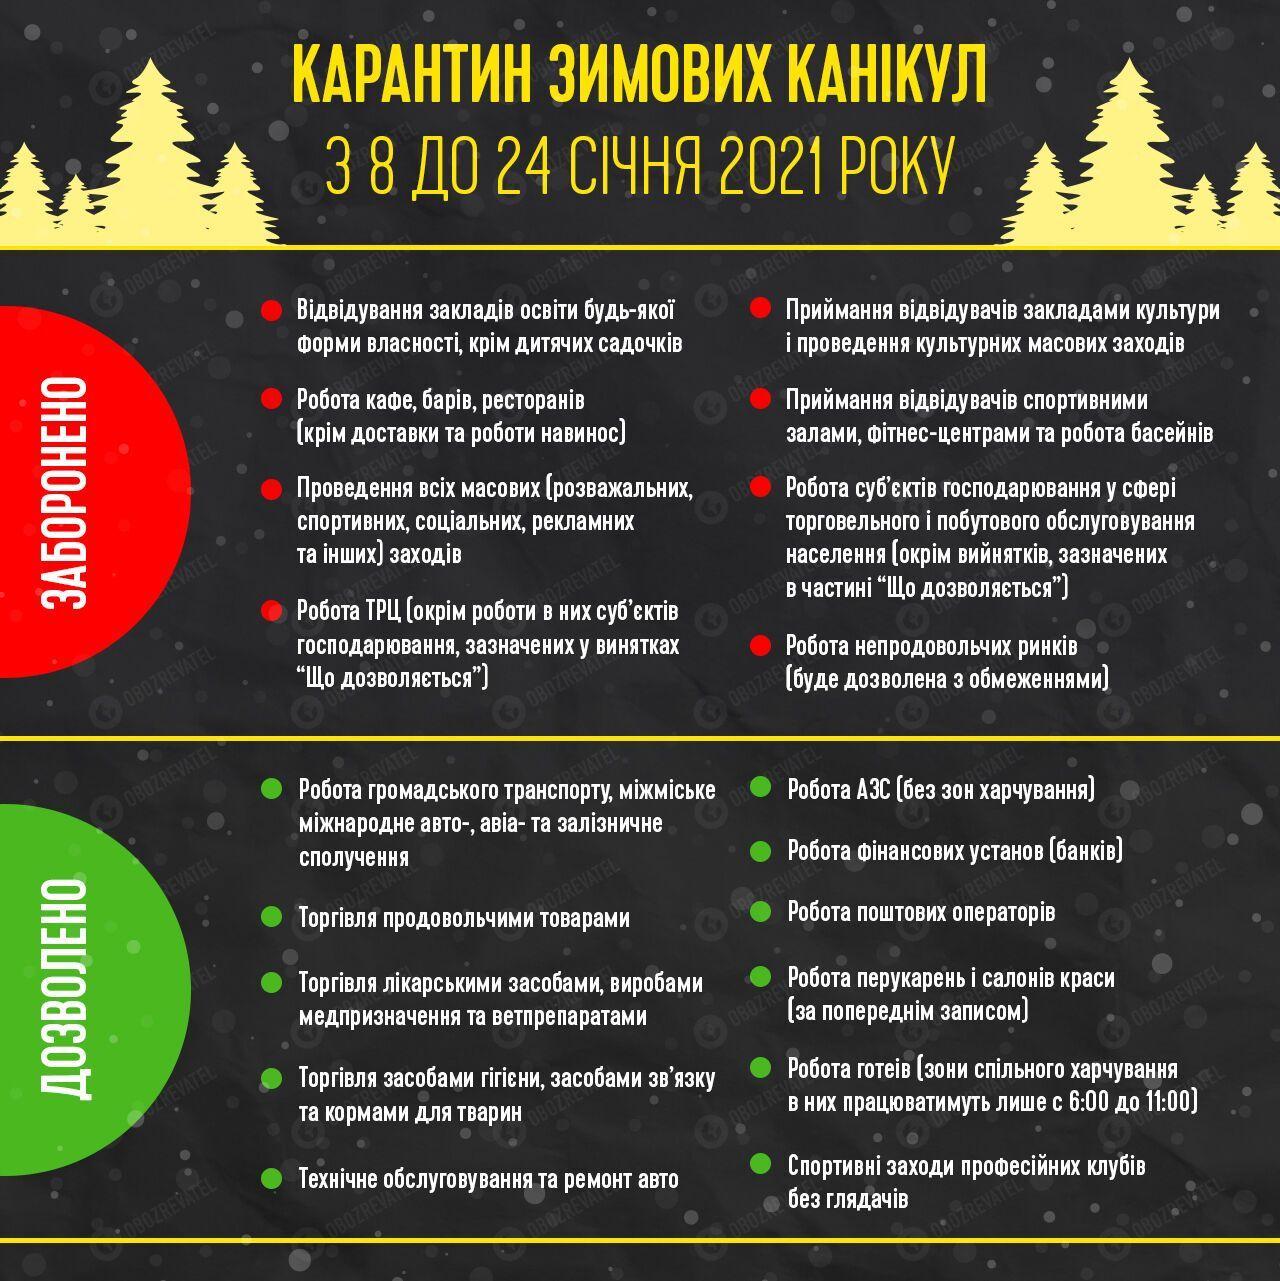 Карантин зимових канікул в Україні